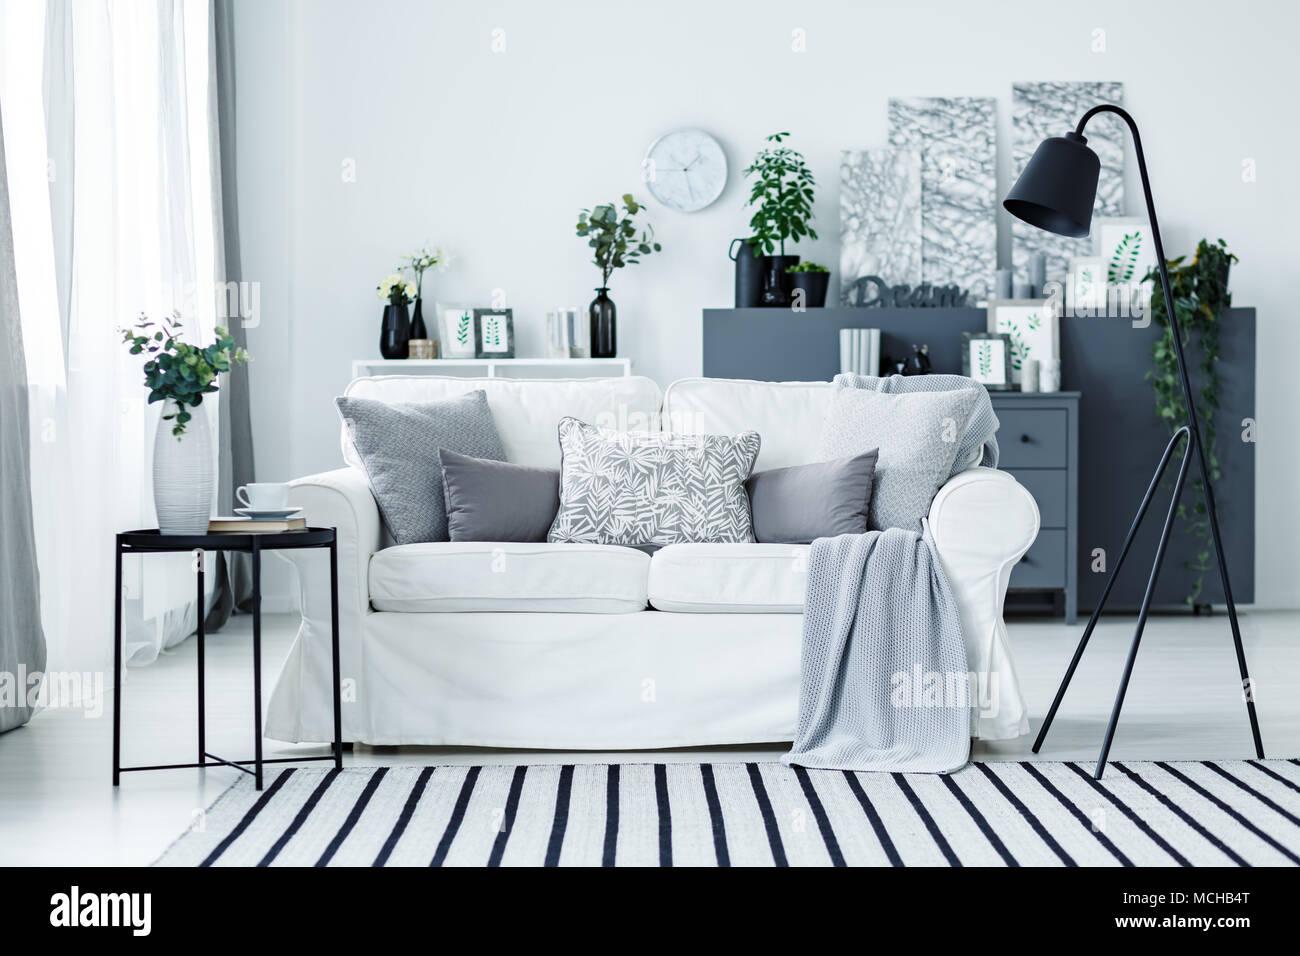 Grau Weiß Sofa Mit Kissen Und Decke Im Hellen Wohnzimmer Interieur Mit  Metall Lampe, Frische Pflanzen Und Gestreiften Teppich